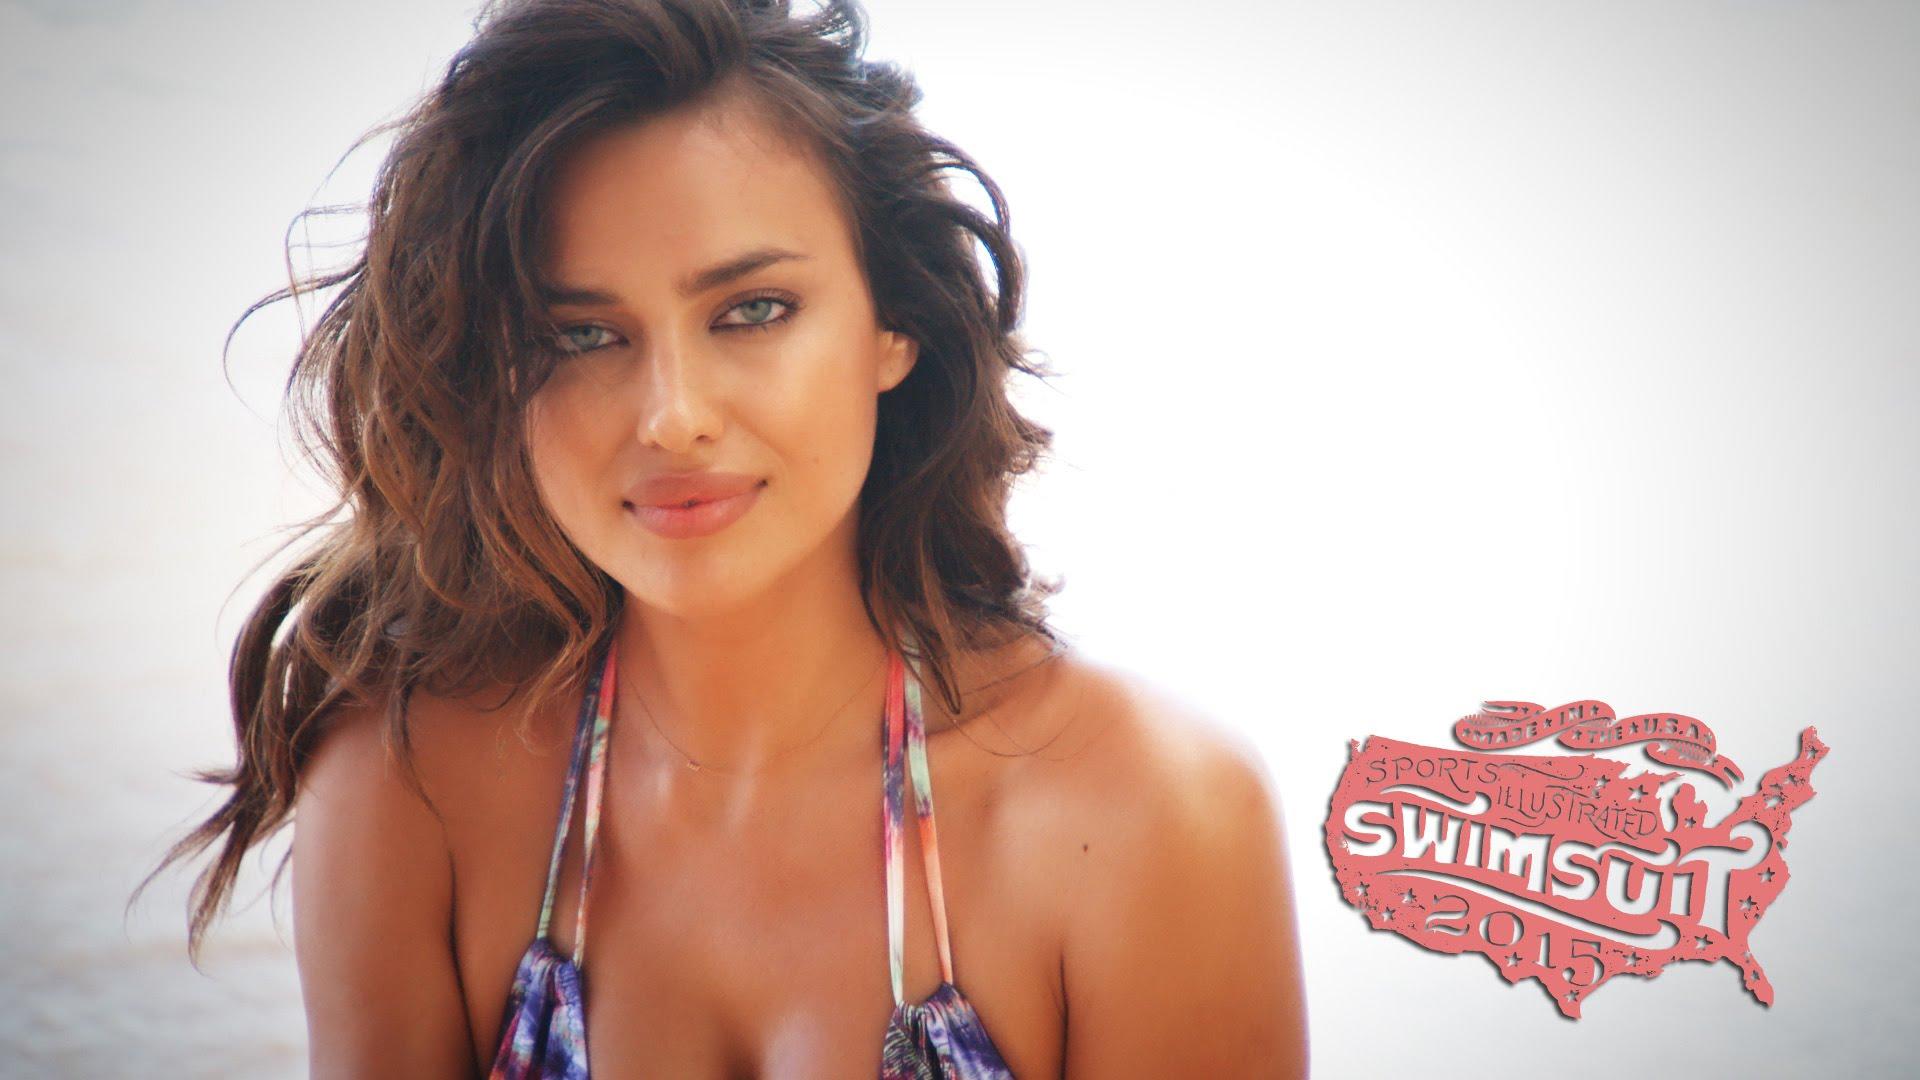 Irina Shayk Intimates | Sports Illustrated Swimsuit 2015